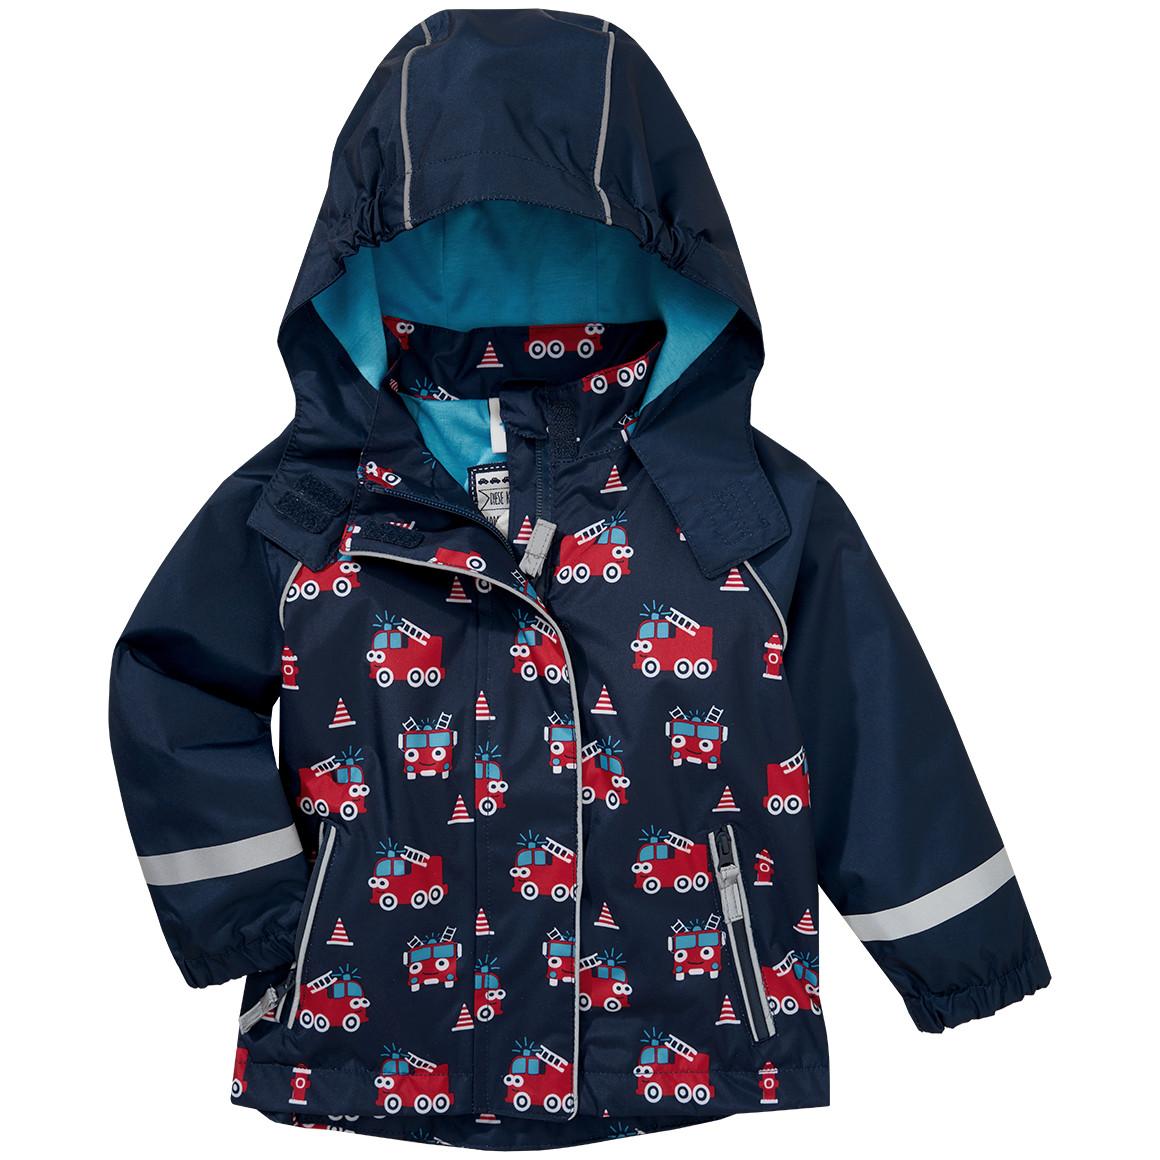 Baby Regenjacke mit Feuerwehr Allover